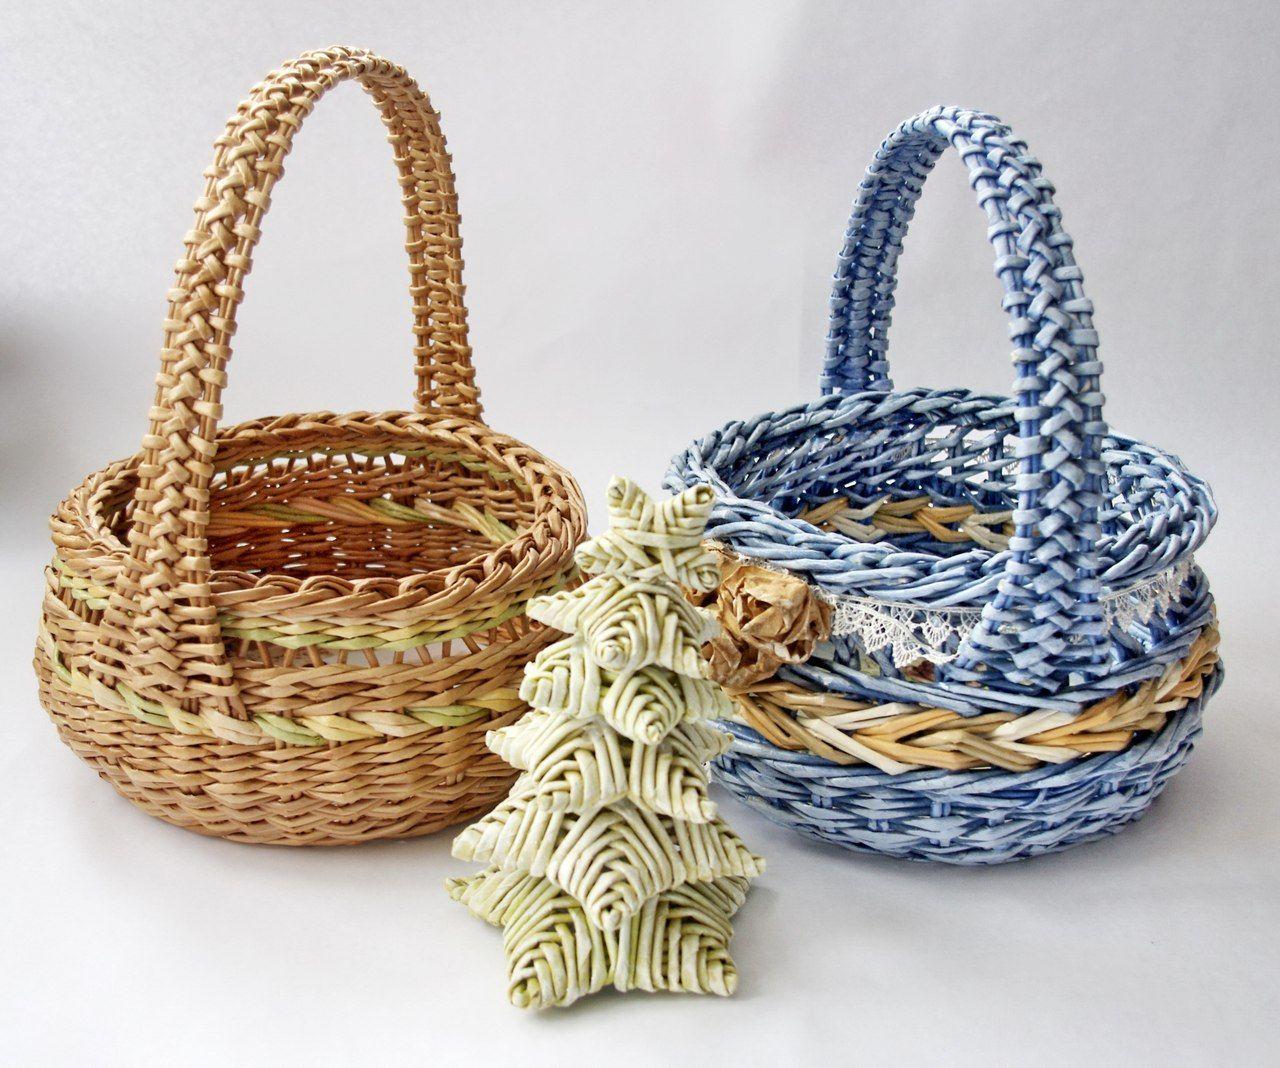 фотографии плетем корзинки из газет с картинками рододендроны для своего